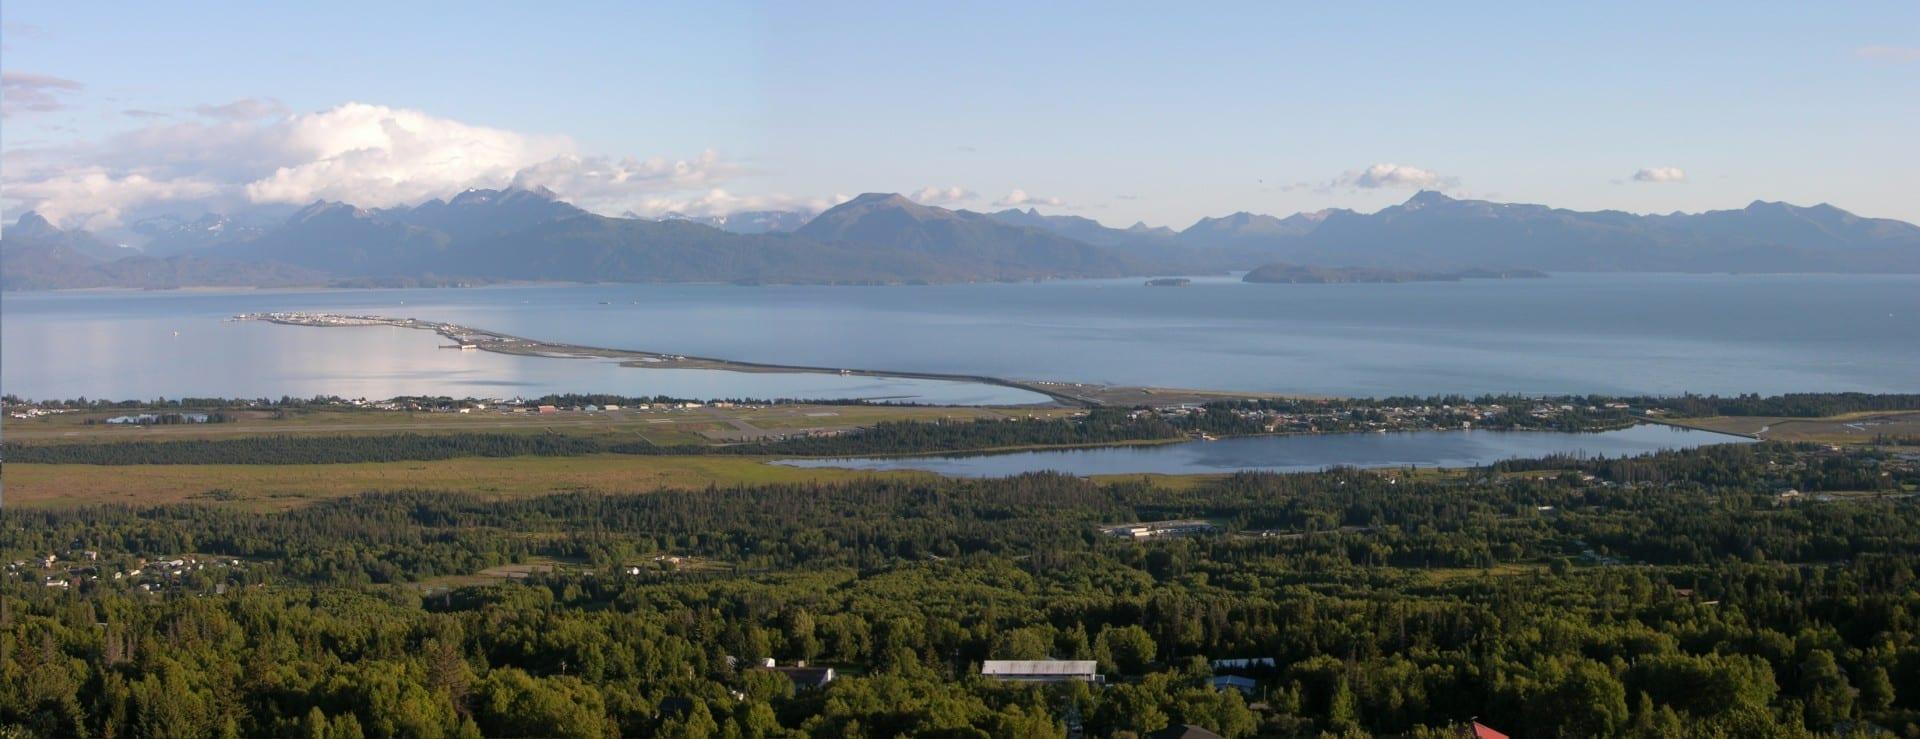 Foto de Homero, Alaska, mostrando el escupitajo de Homero Homer AK Estados Unidos